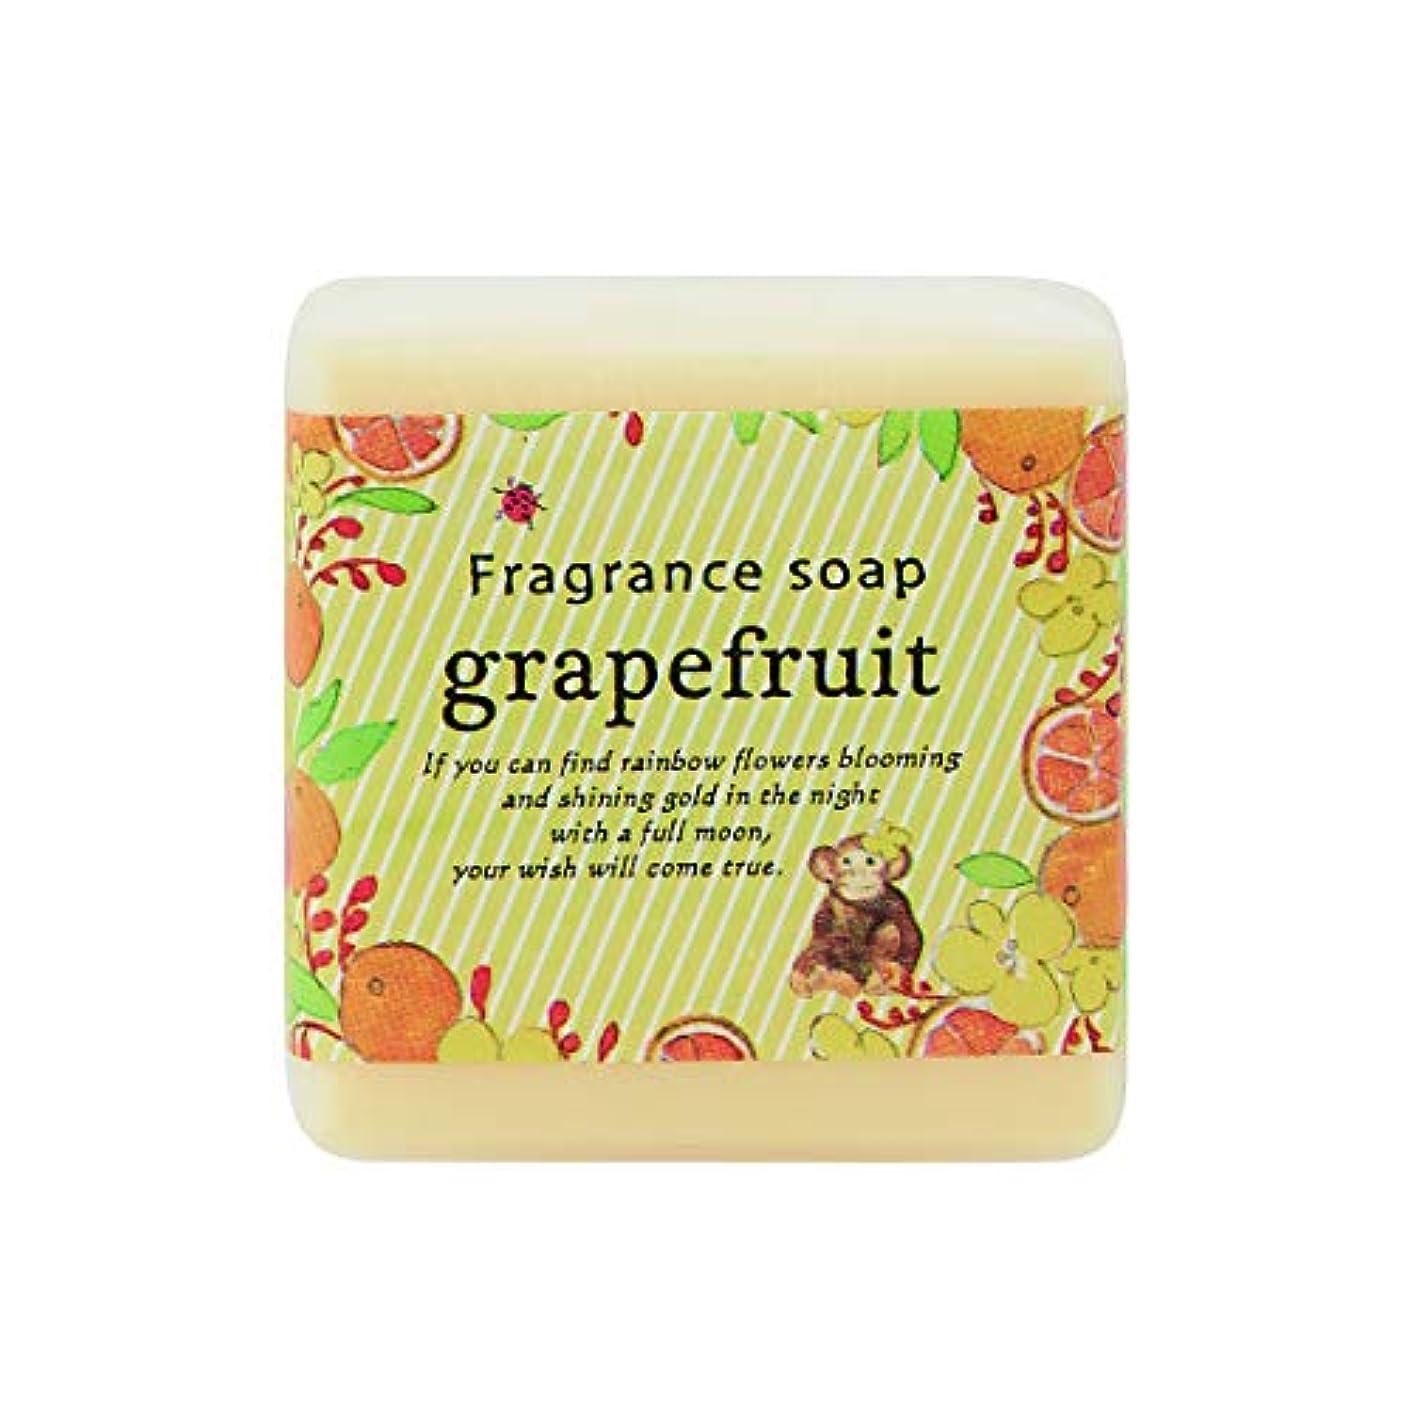 合理的しおれた記録サンハーブ フレグランスソープ40g グレープフルーツ 12個(プチ石けん ゲストソープ シャキっとまぶしい柑橘系の香り)